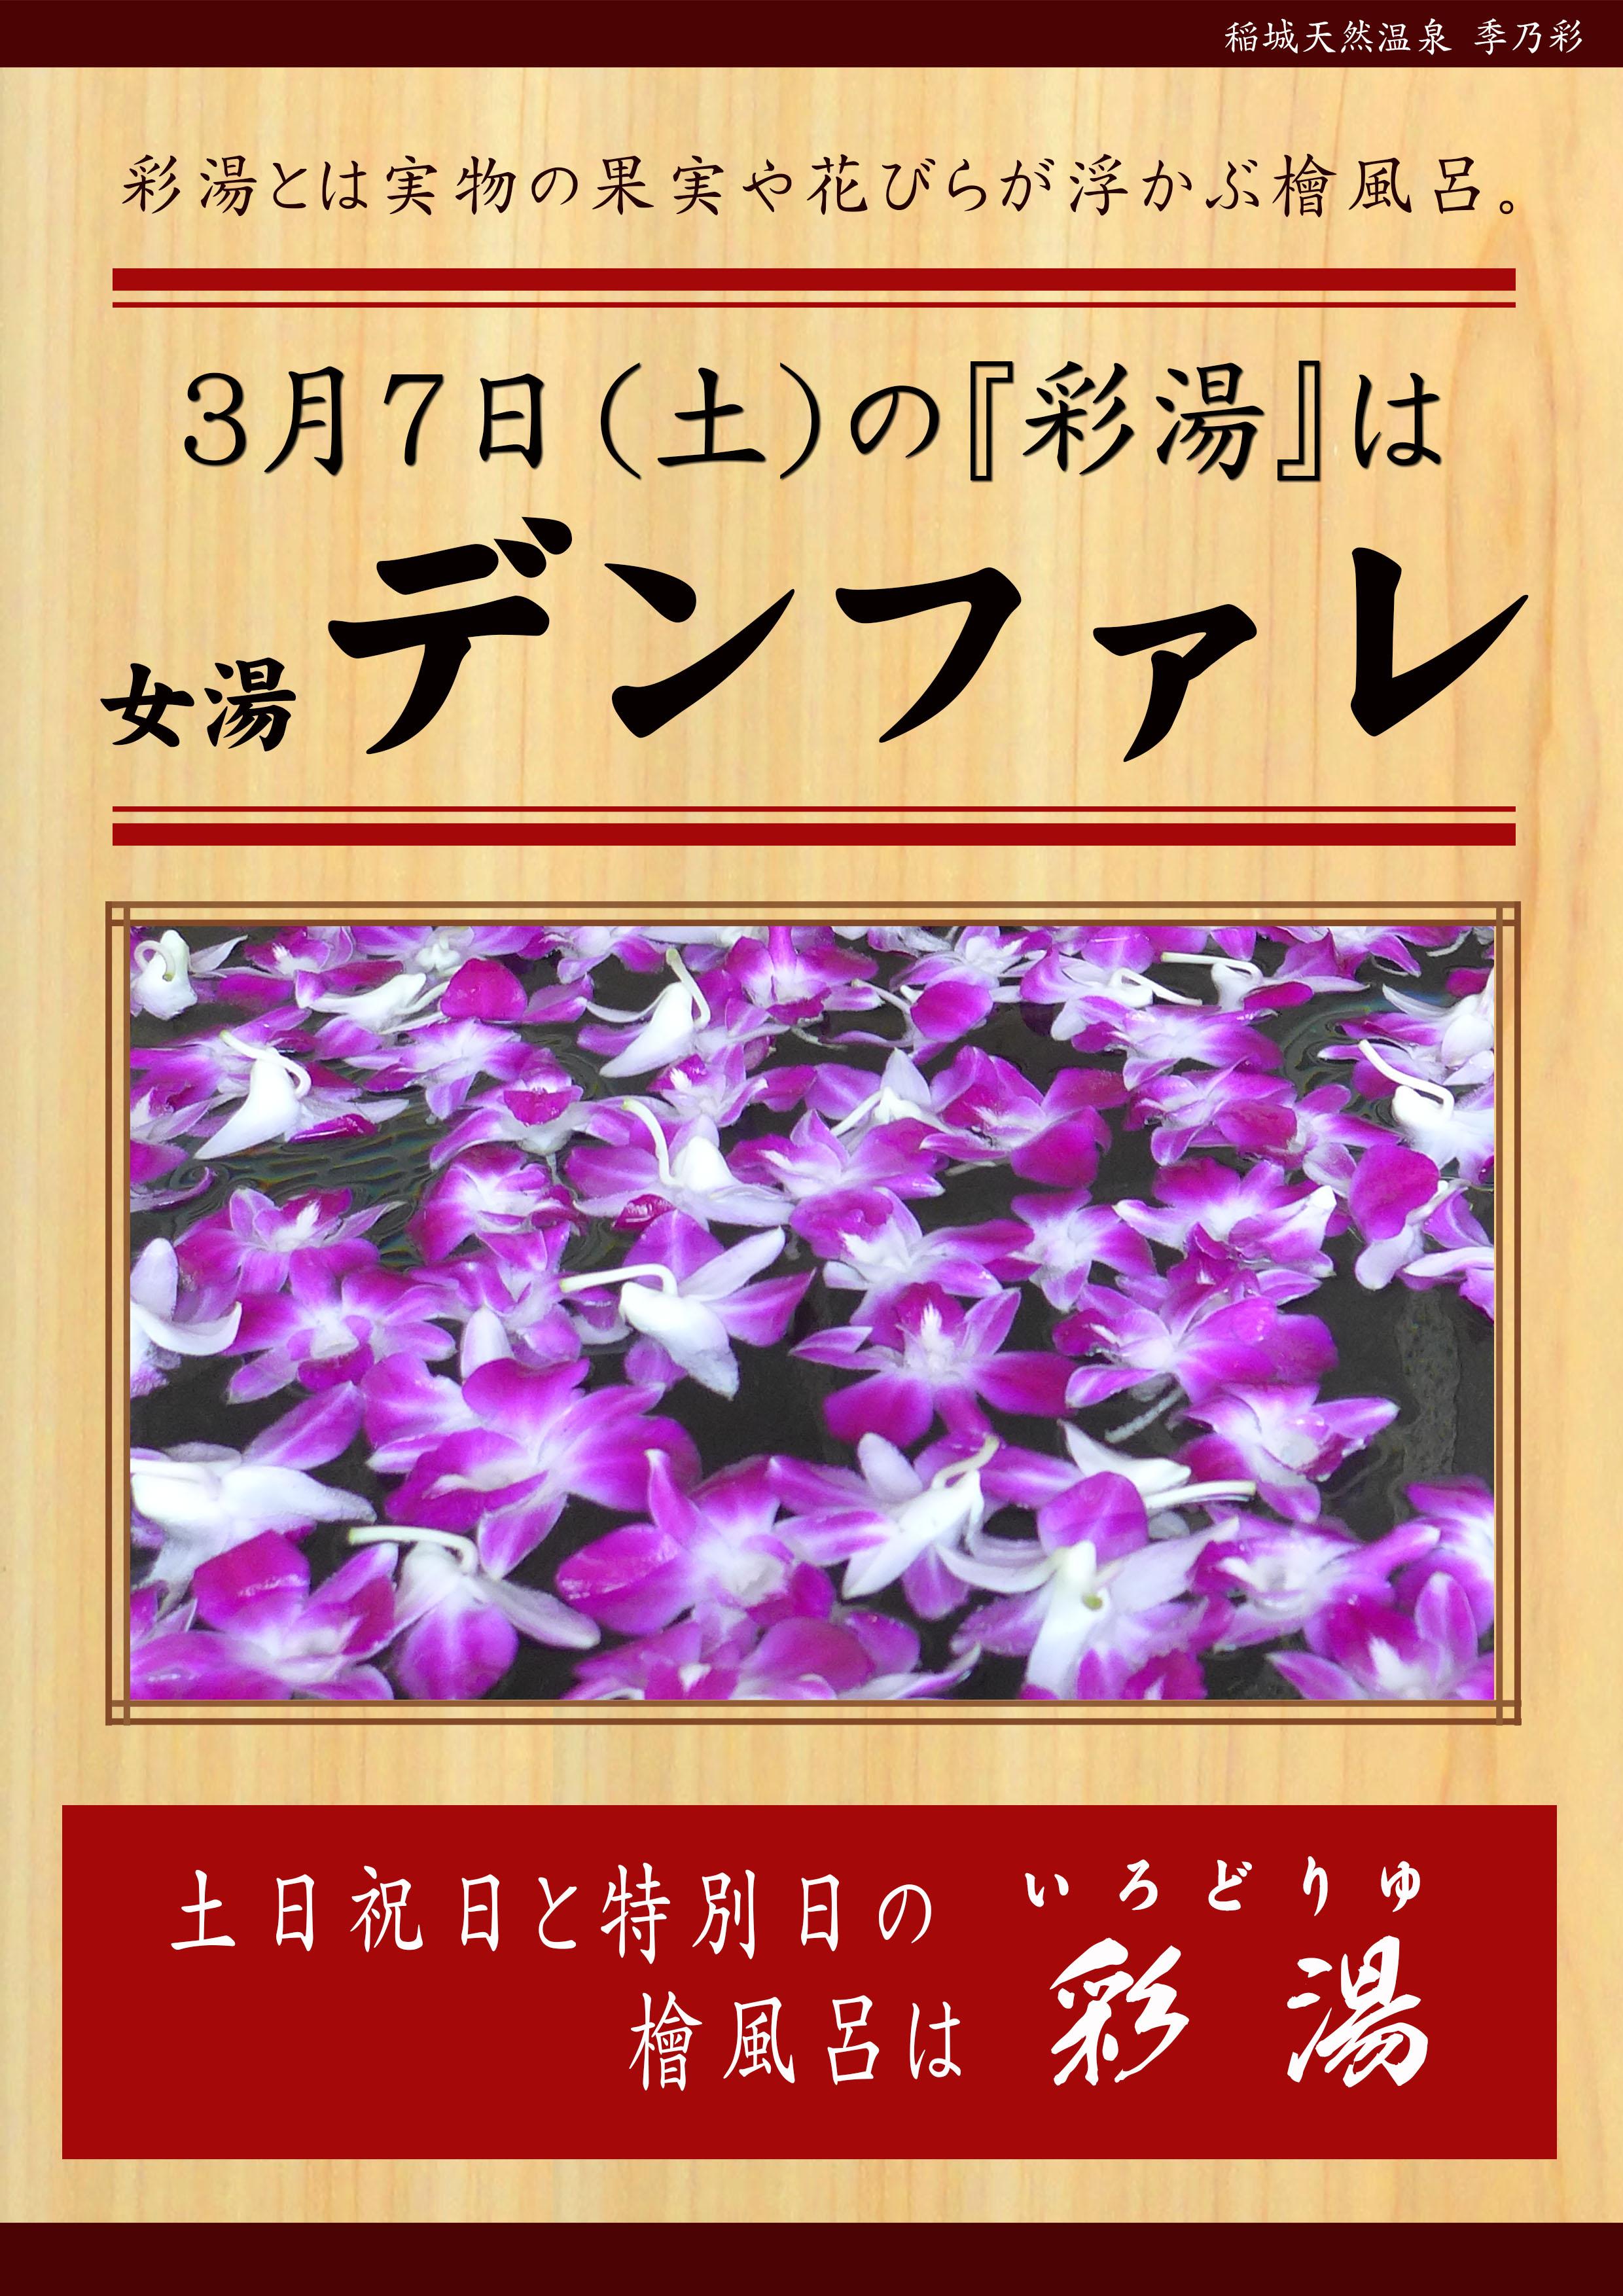 200307 POP イベント 彩湯 女湯 デンファレ